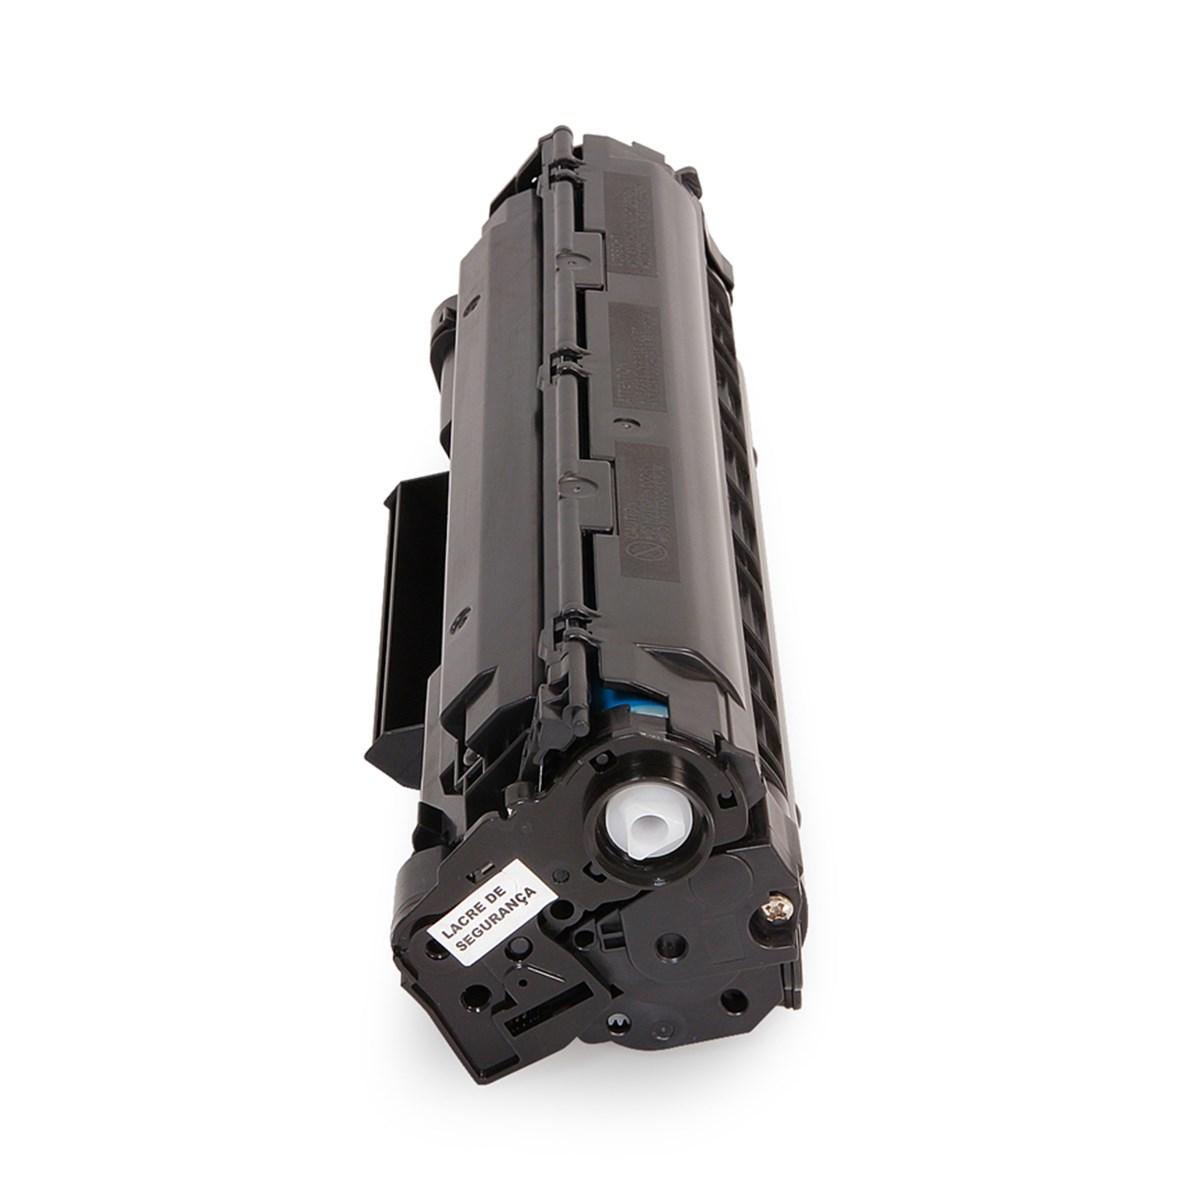 Compativel: Toner novasupri CB435A - series P1005 P1006